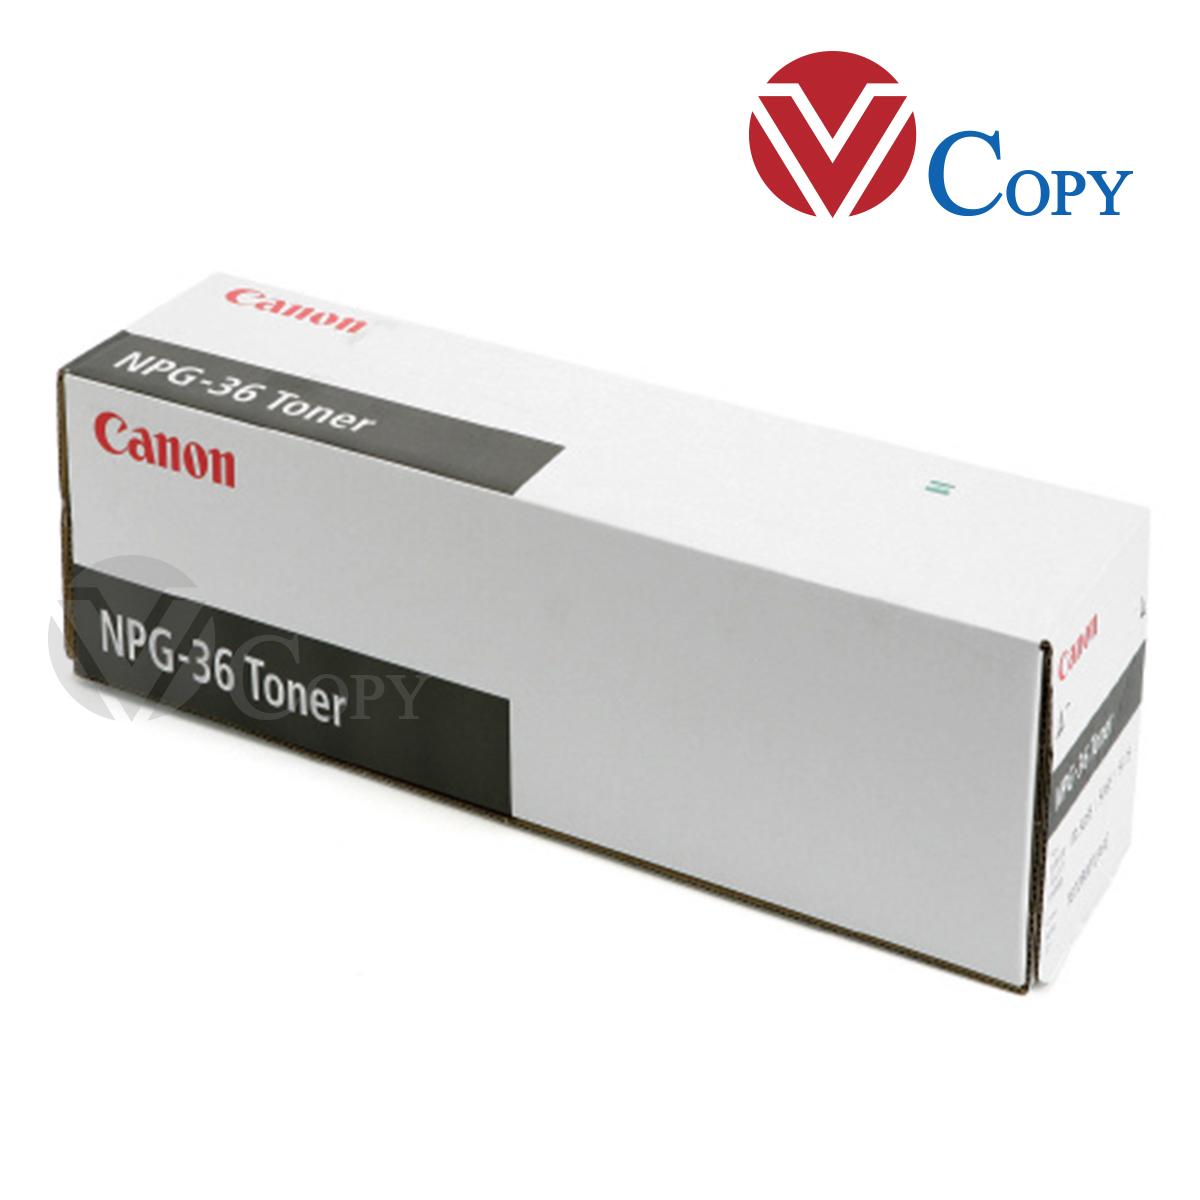 Mực Thương hiệu dùng cho máy Photocopy Canon IR  5055/ IR 5065/ IR5075 - Hộp mực NPG36